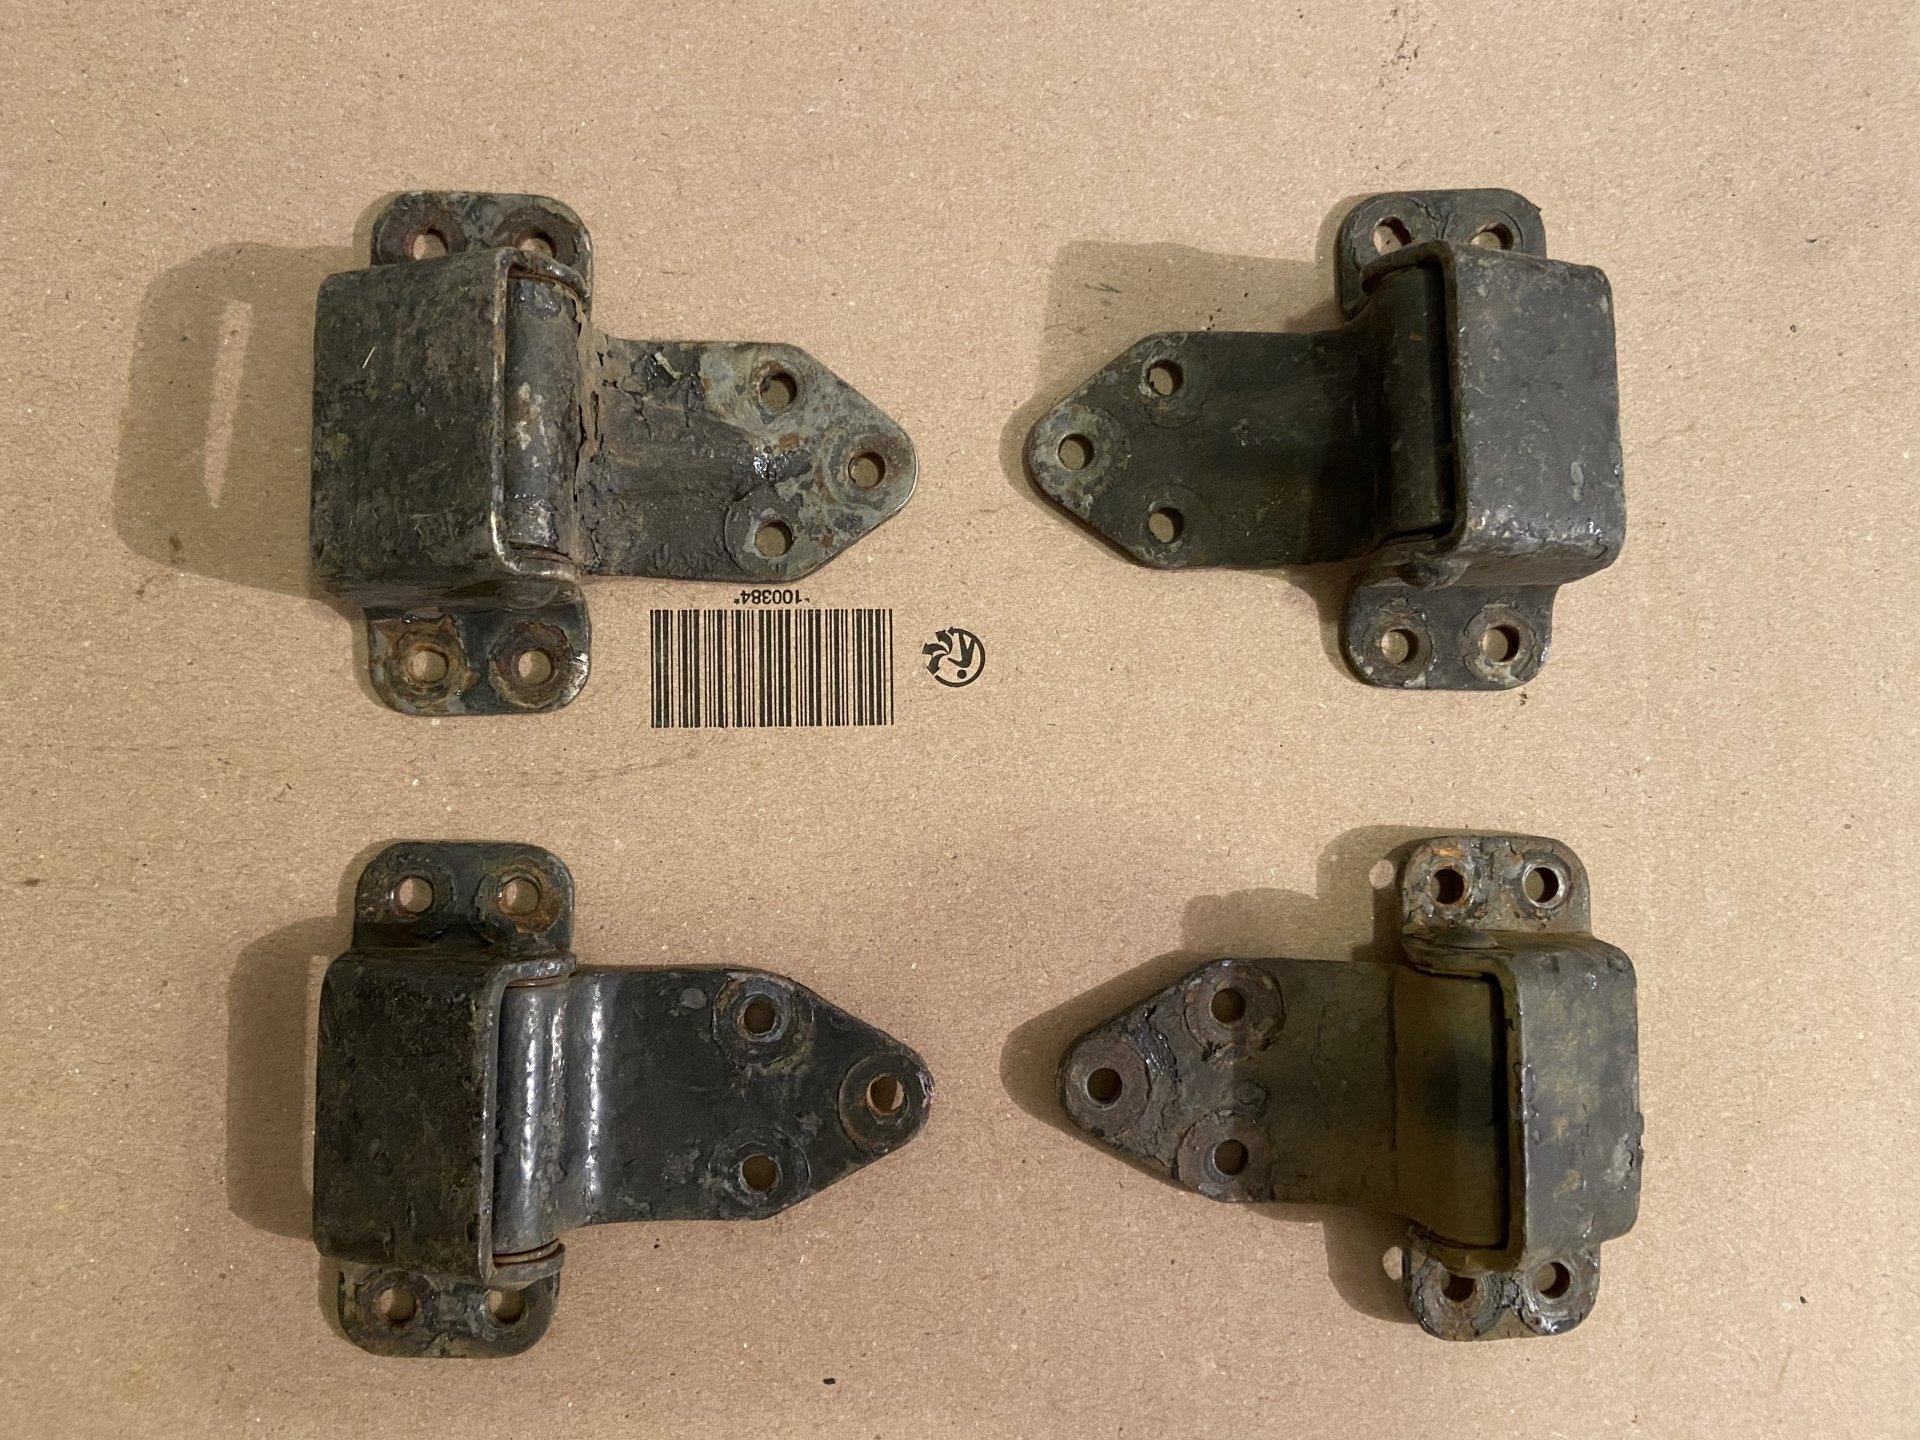 899F0E8B-25FB-4A2F-88A2-6419A74BDCC5.jpeg